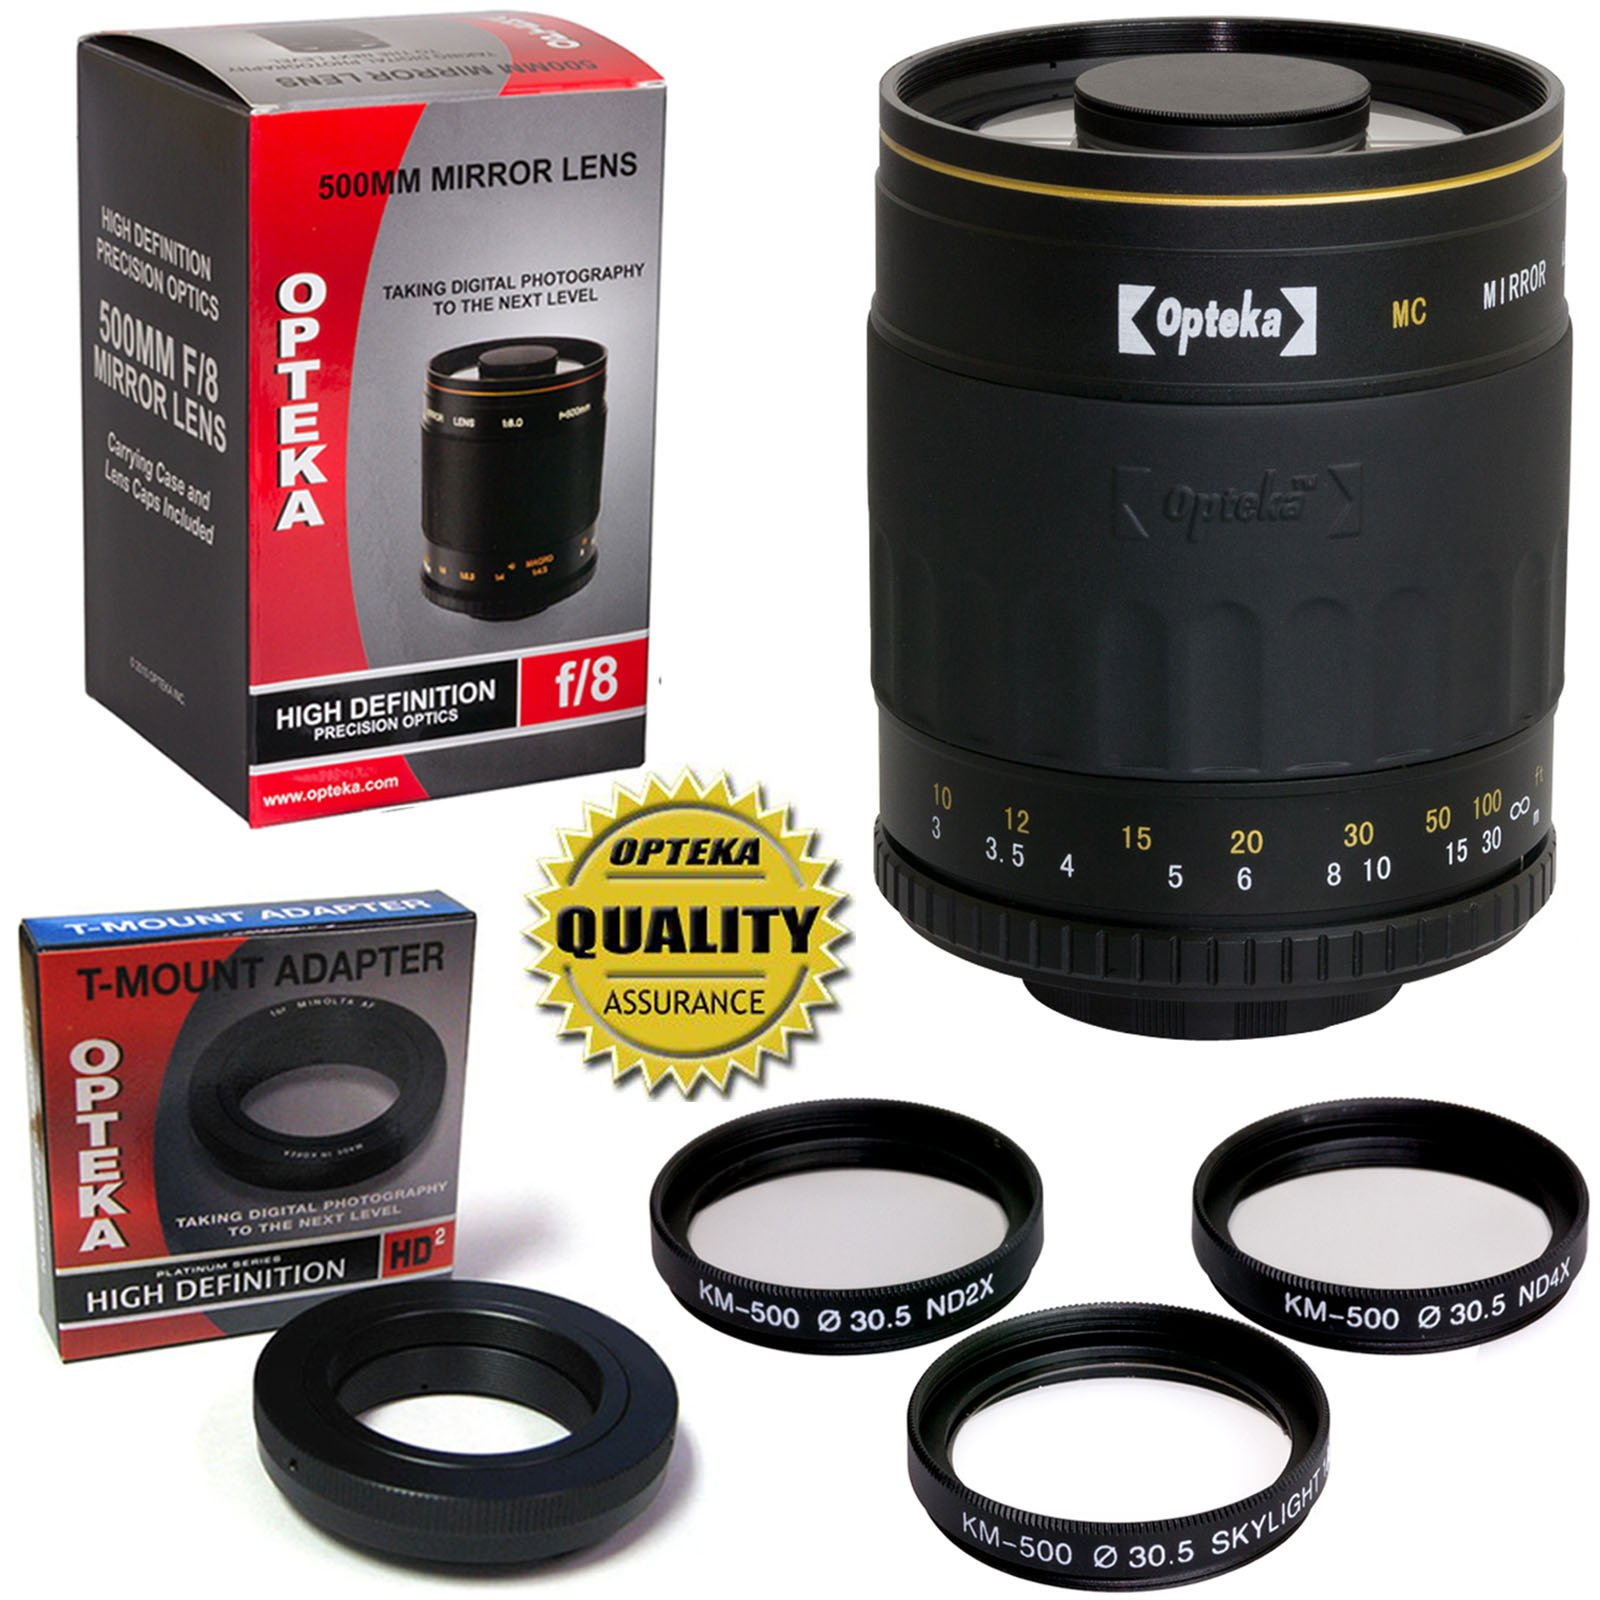 Opteka 500mm f/8 High Definition Telephoto Mirror Lens for Panasonic Lumix DMC G9, GH5, GX850, G85, GX8, G7, GM5, GH4, GX7, GH3, GH1 Micro Four Thirds Digital Cameras